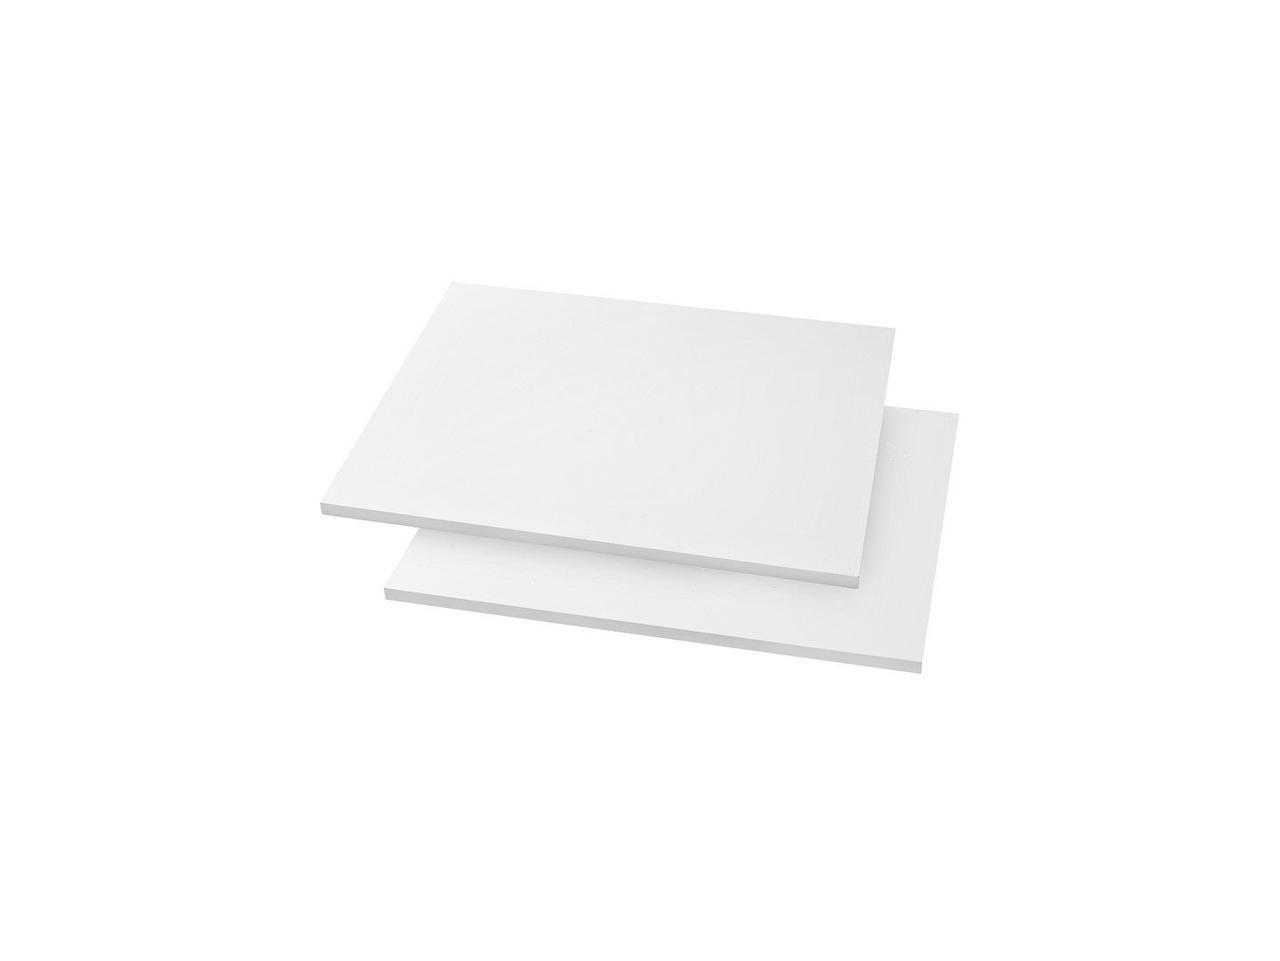 Полка для шкафа Roksana II (2 шт.)SZF3D/22/18_OPCJA-BI (BRW)